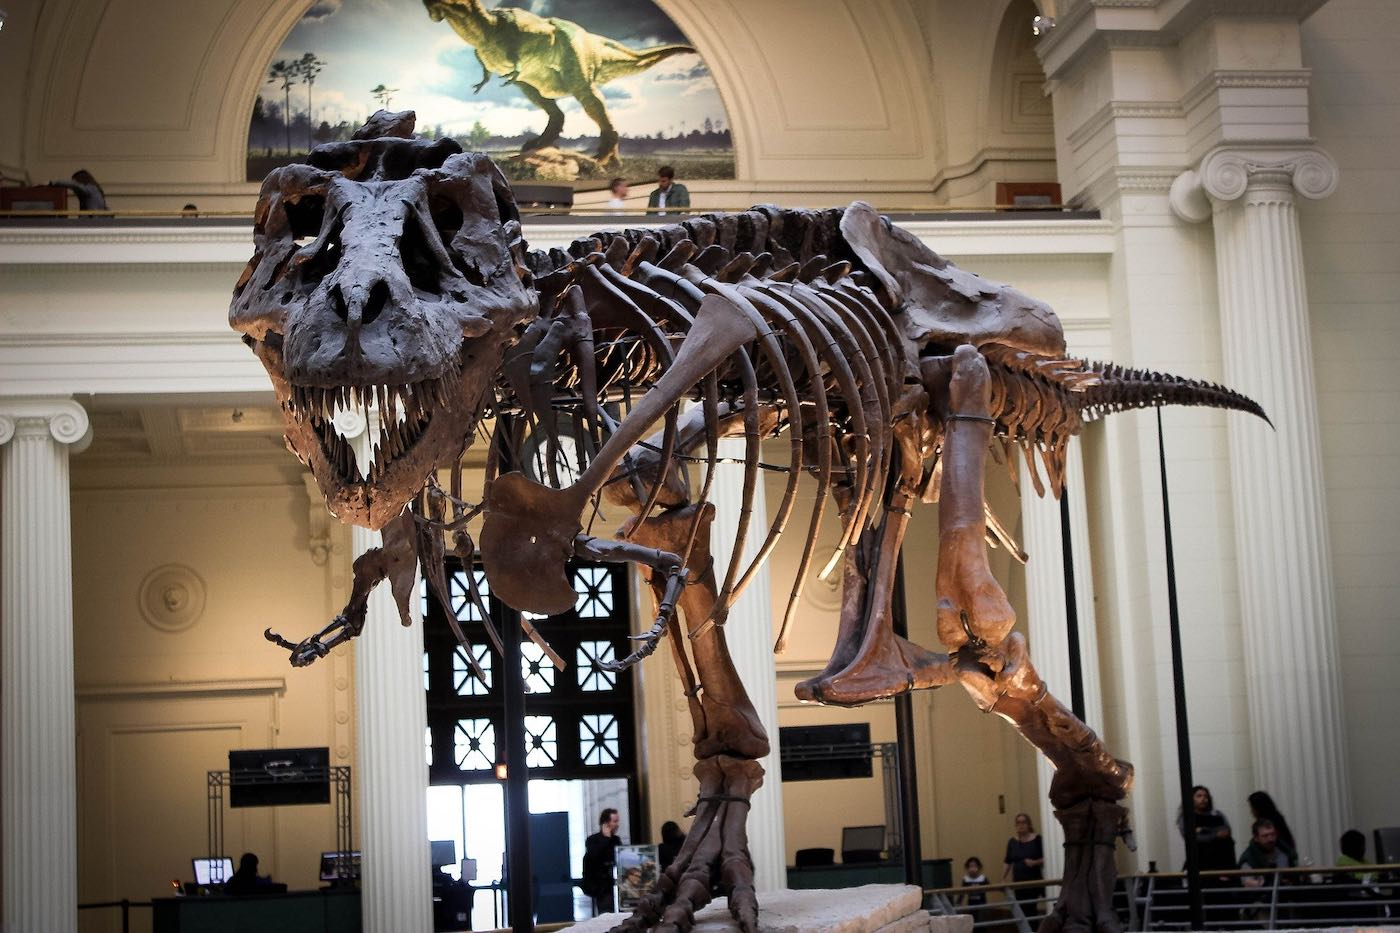 Fósiles: artículos coleccionables interesantes que puedes comprar